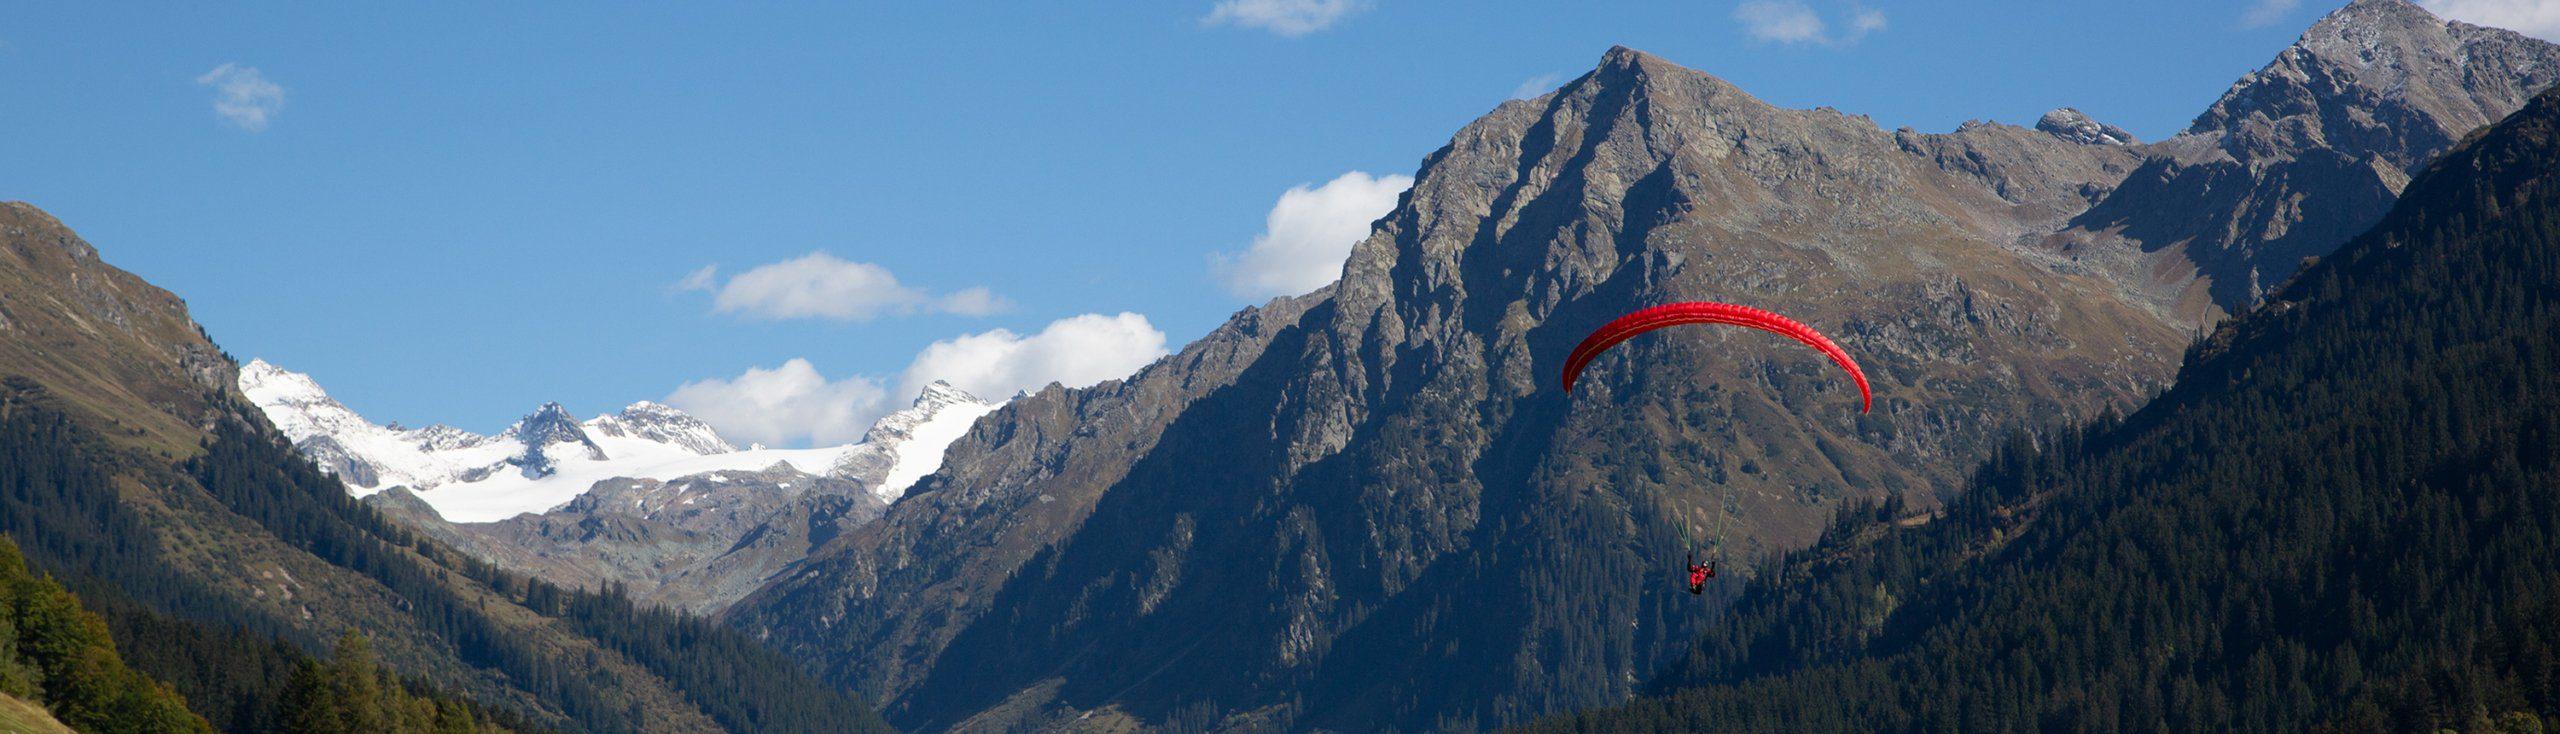 Gleitschirm Fluggebiete Davos Klosters